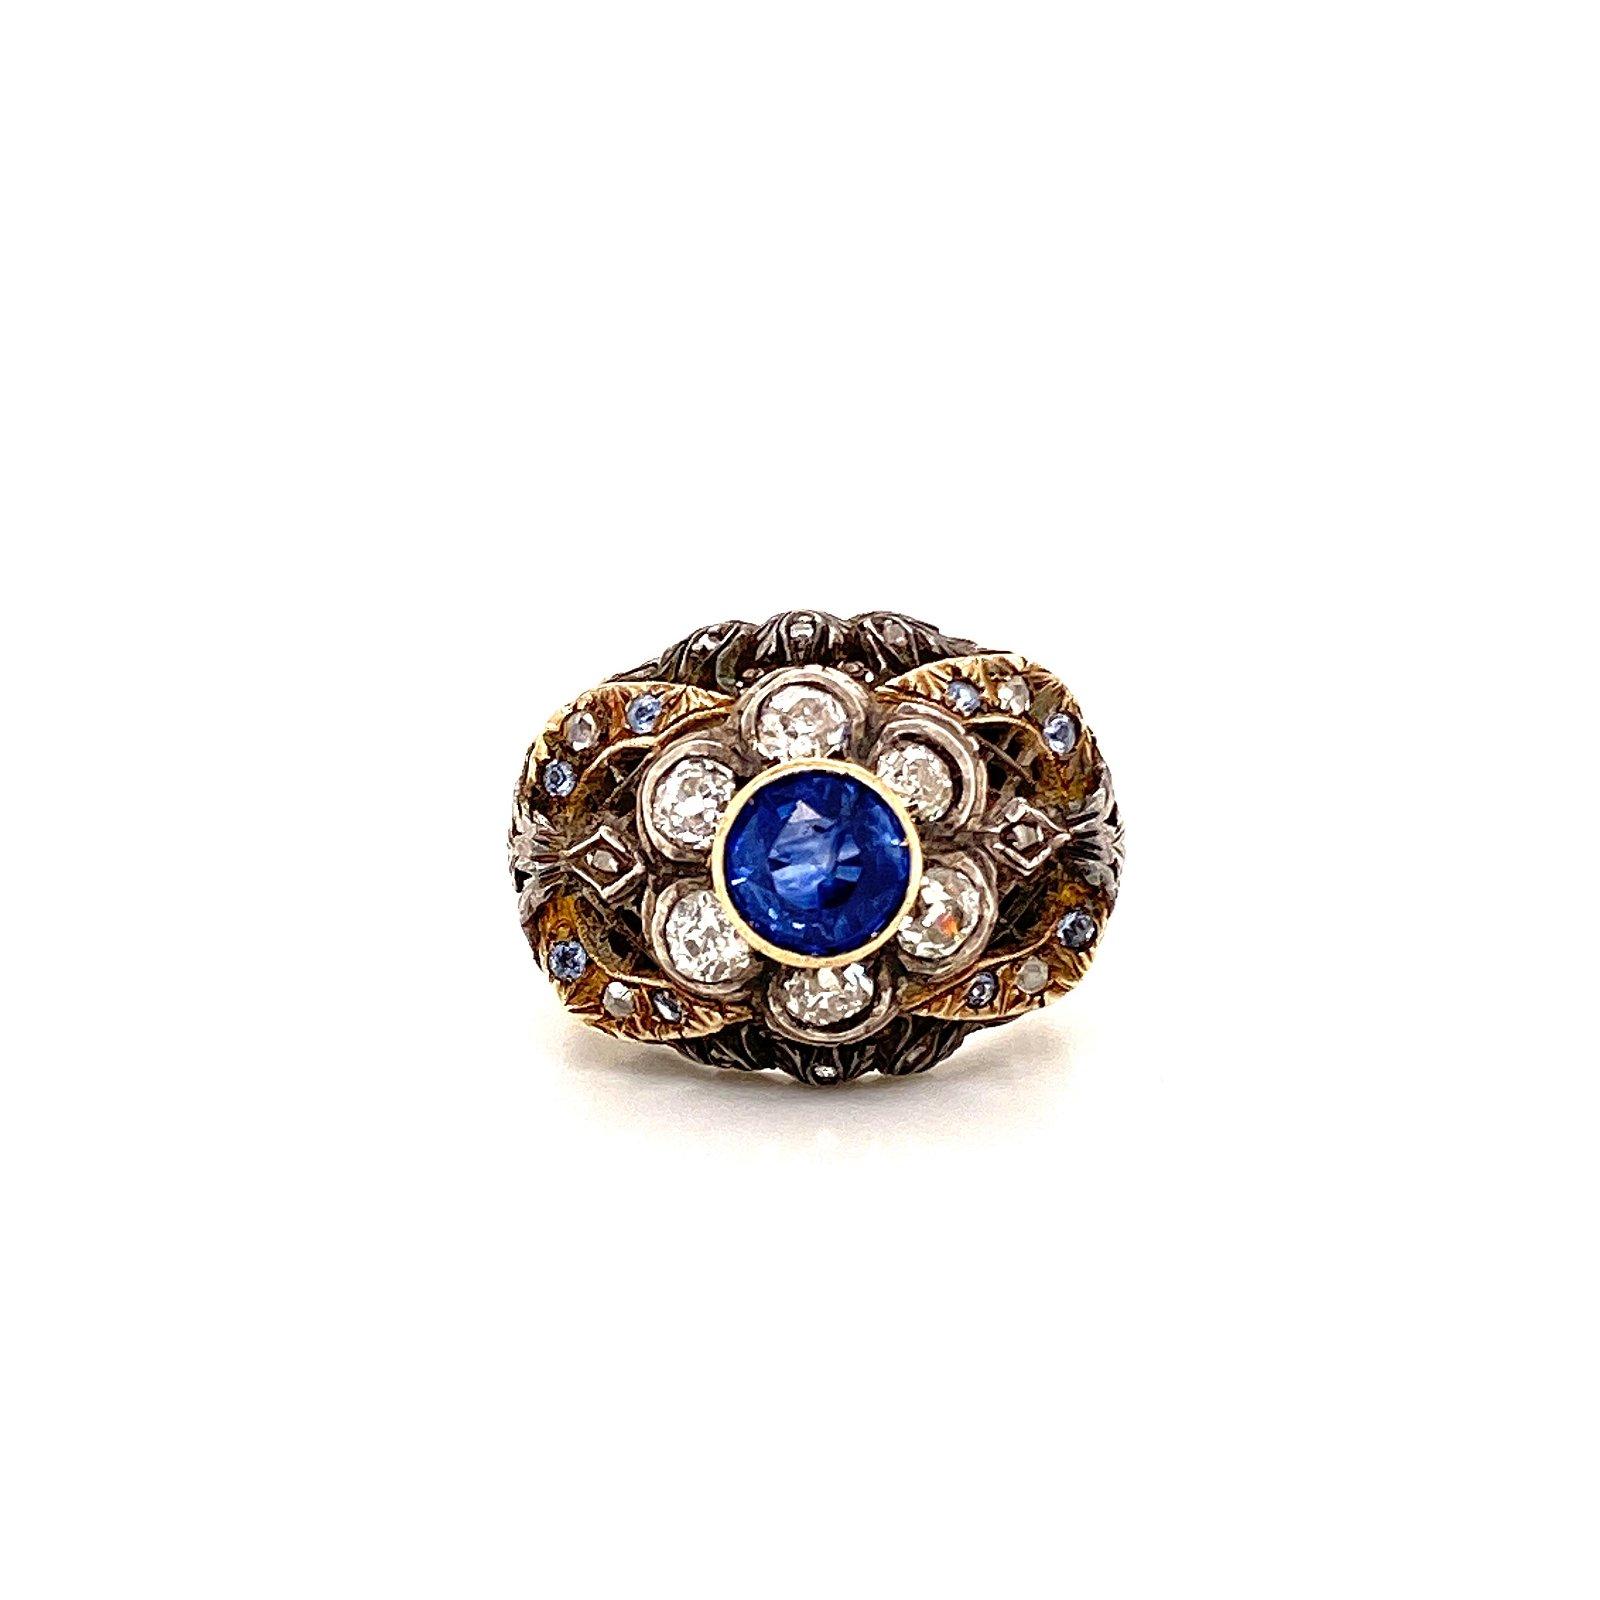 Gold, Silver, Diamond & Sapphire Victoria Ring